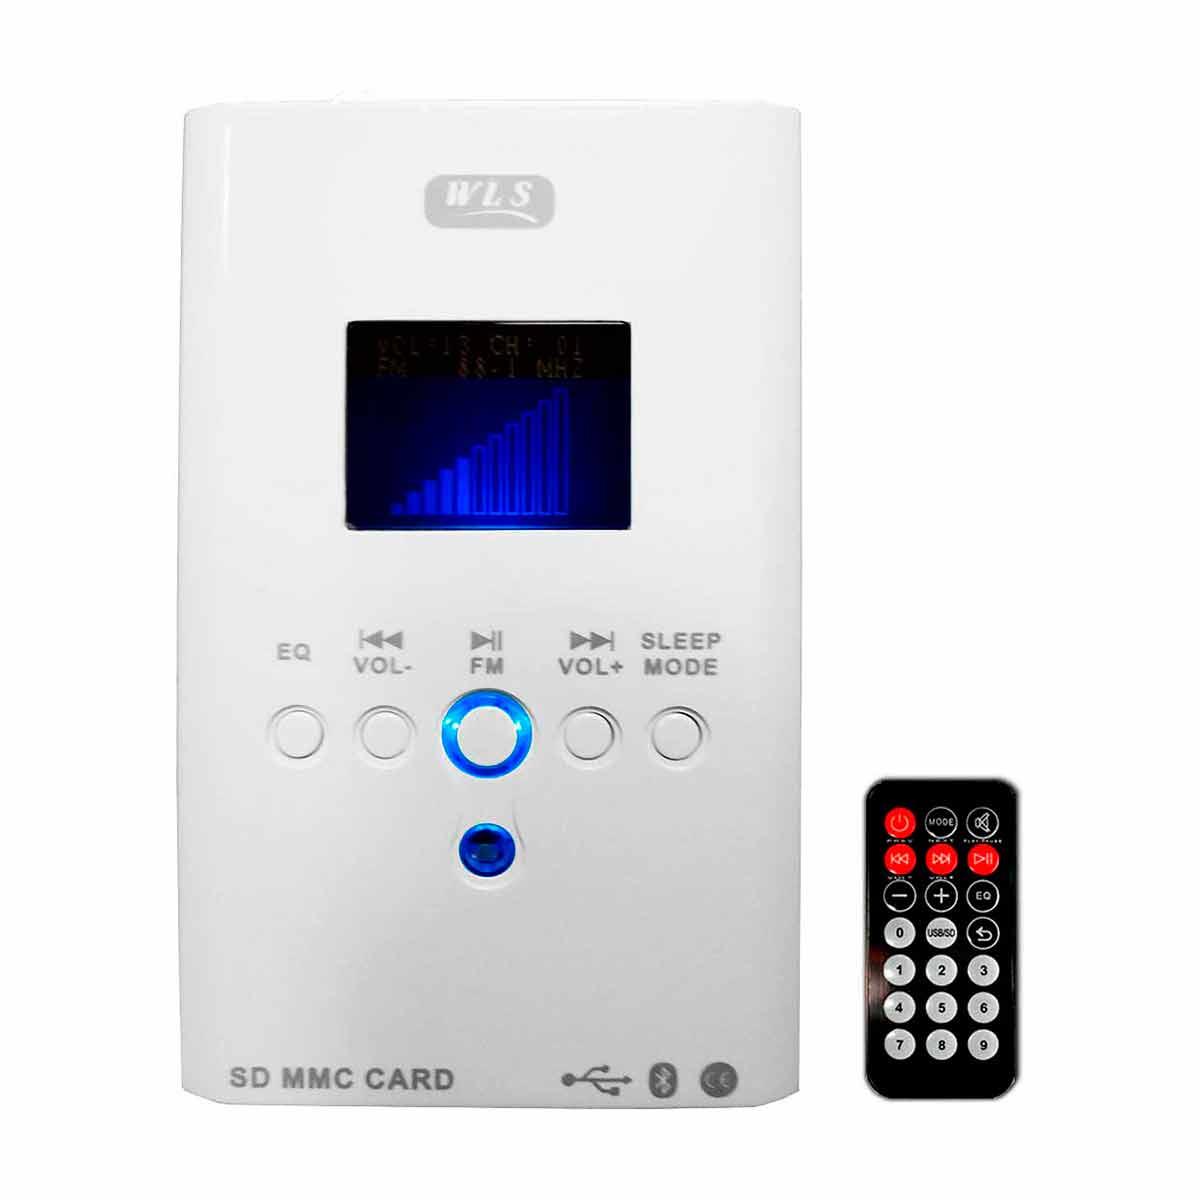 Amplificador Som Ambiente 30W c/ Bluetooth e USB 220V Multim�dia Wall Player - WLS